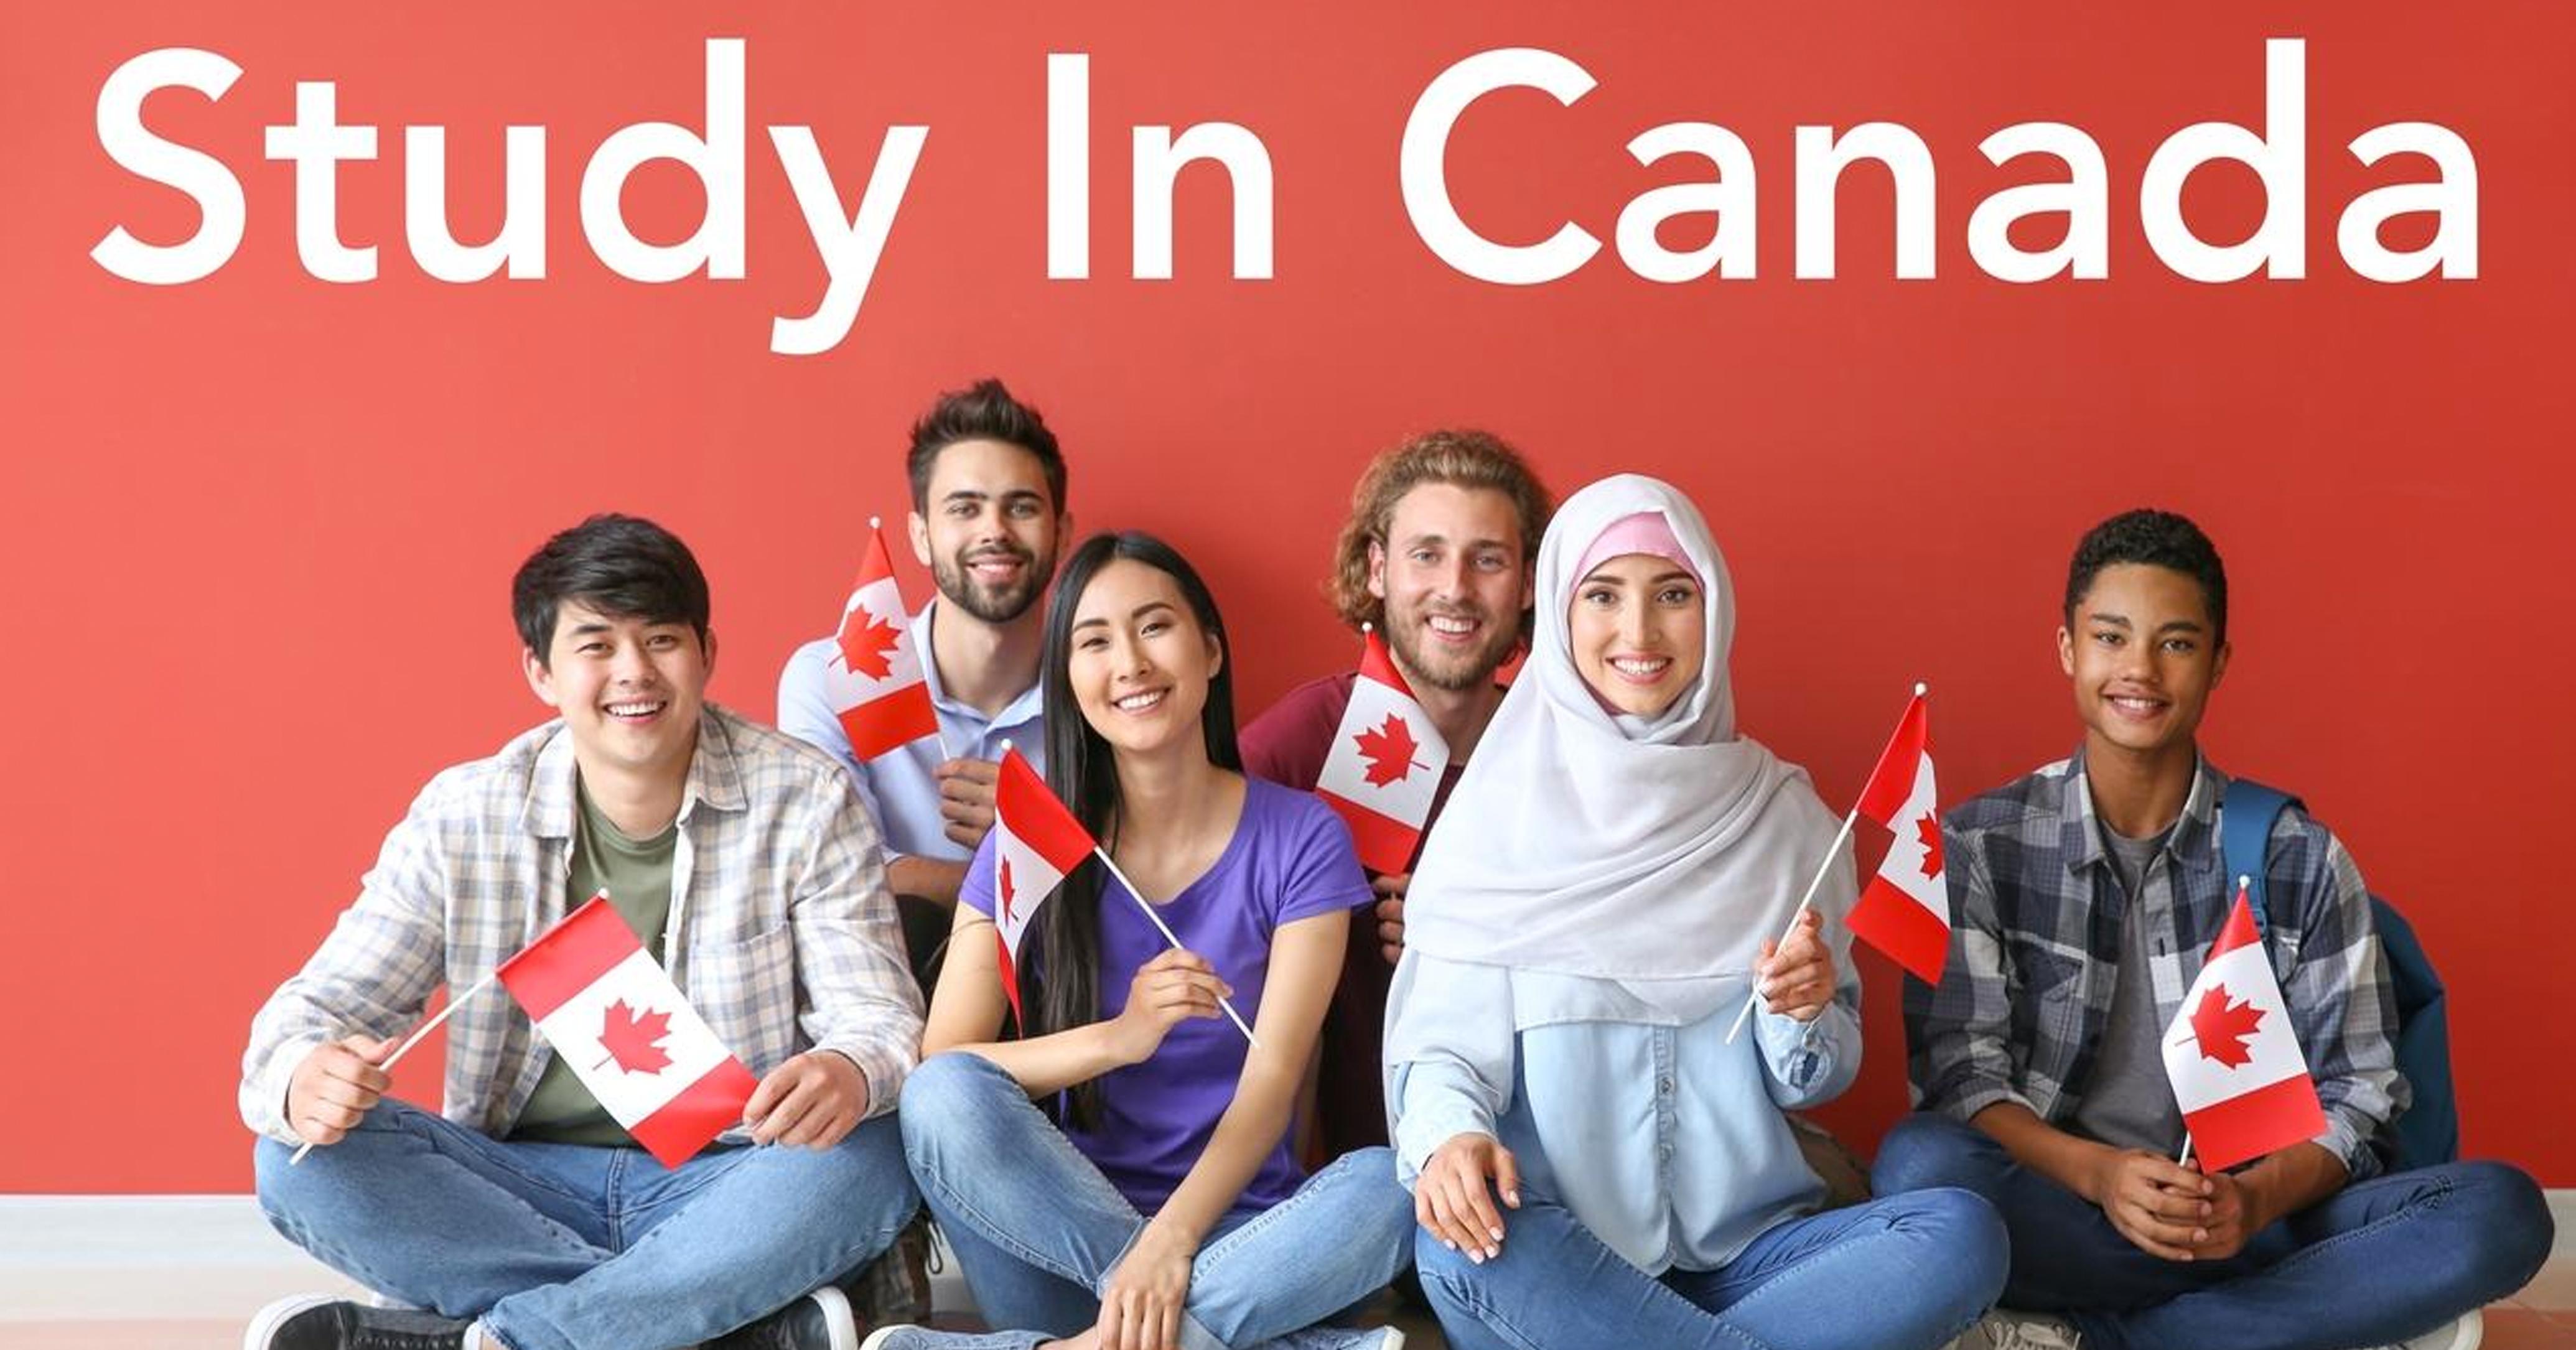 【快讯】加拿大欢迎留学生入境上课